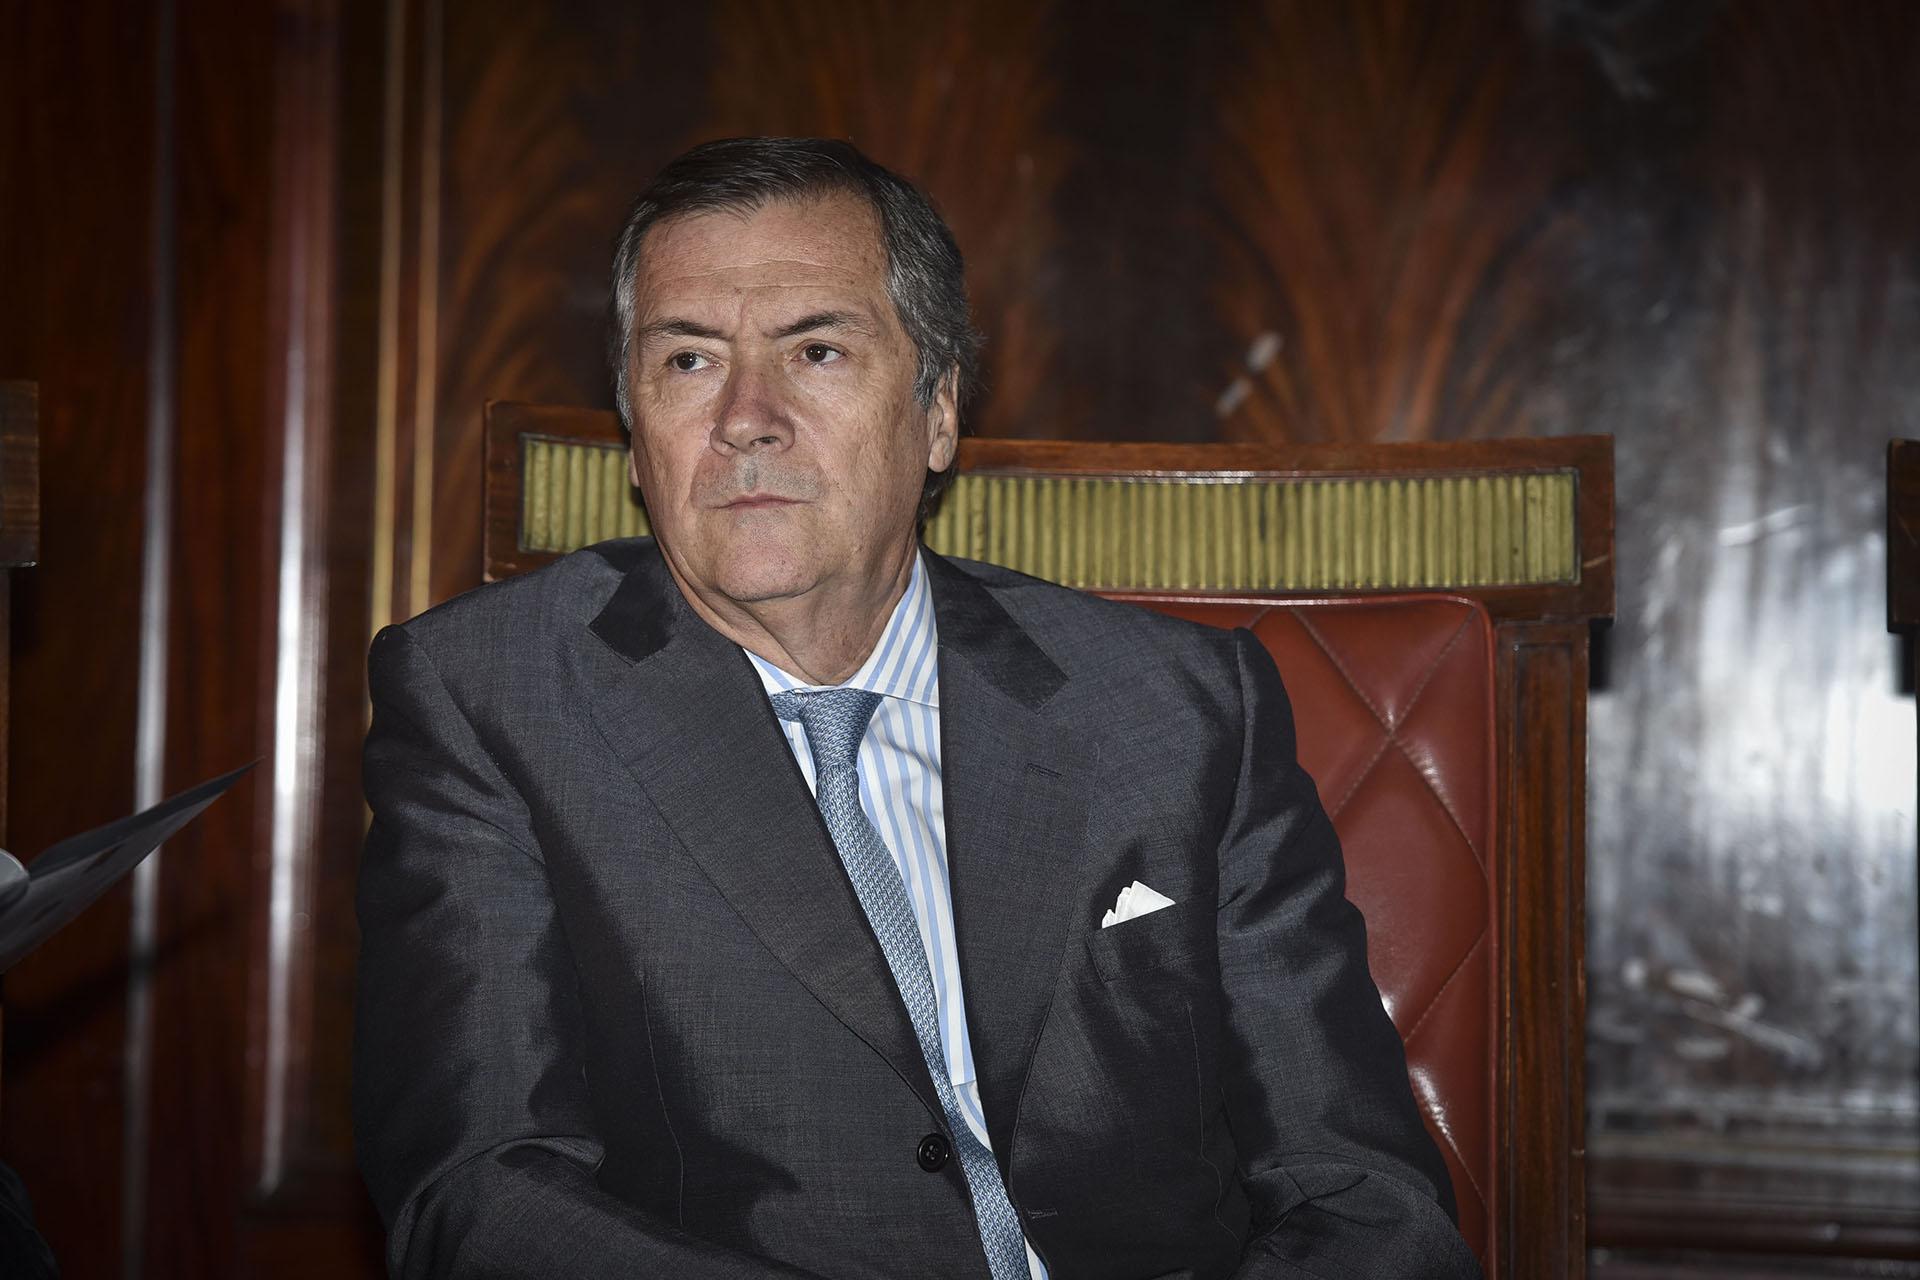 Enrique Cristofani (Konex de Platino 2008: Ejecutivos del Comercio, de la Banca y de los Servicios)